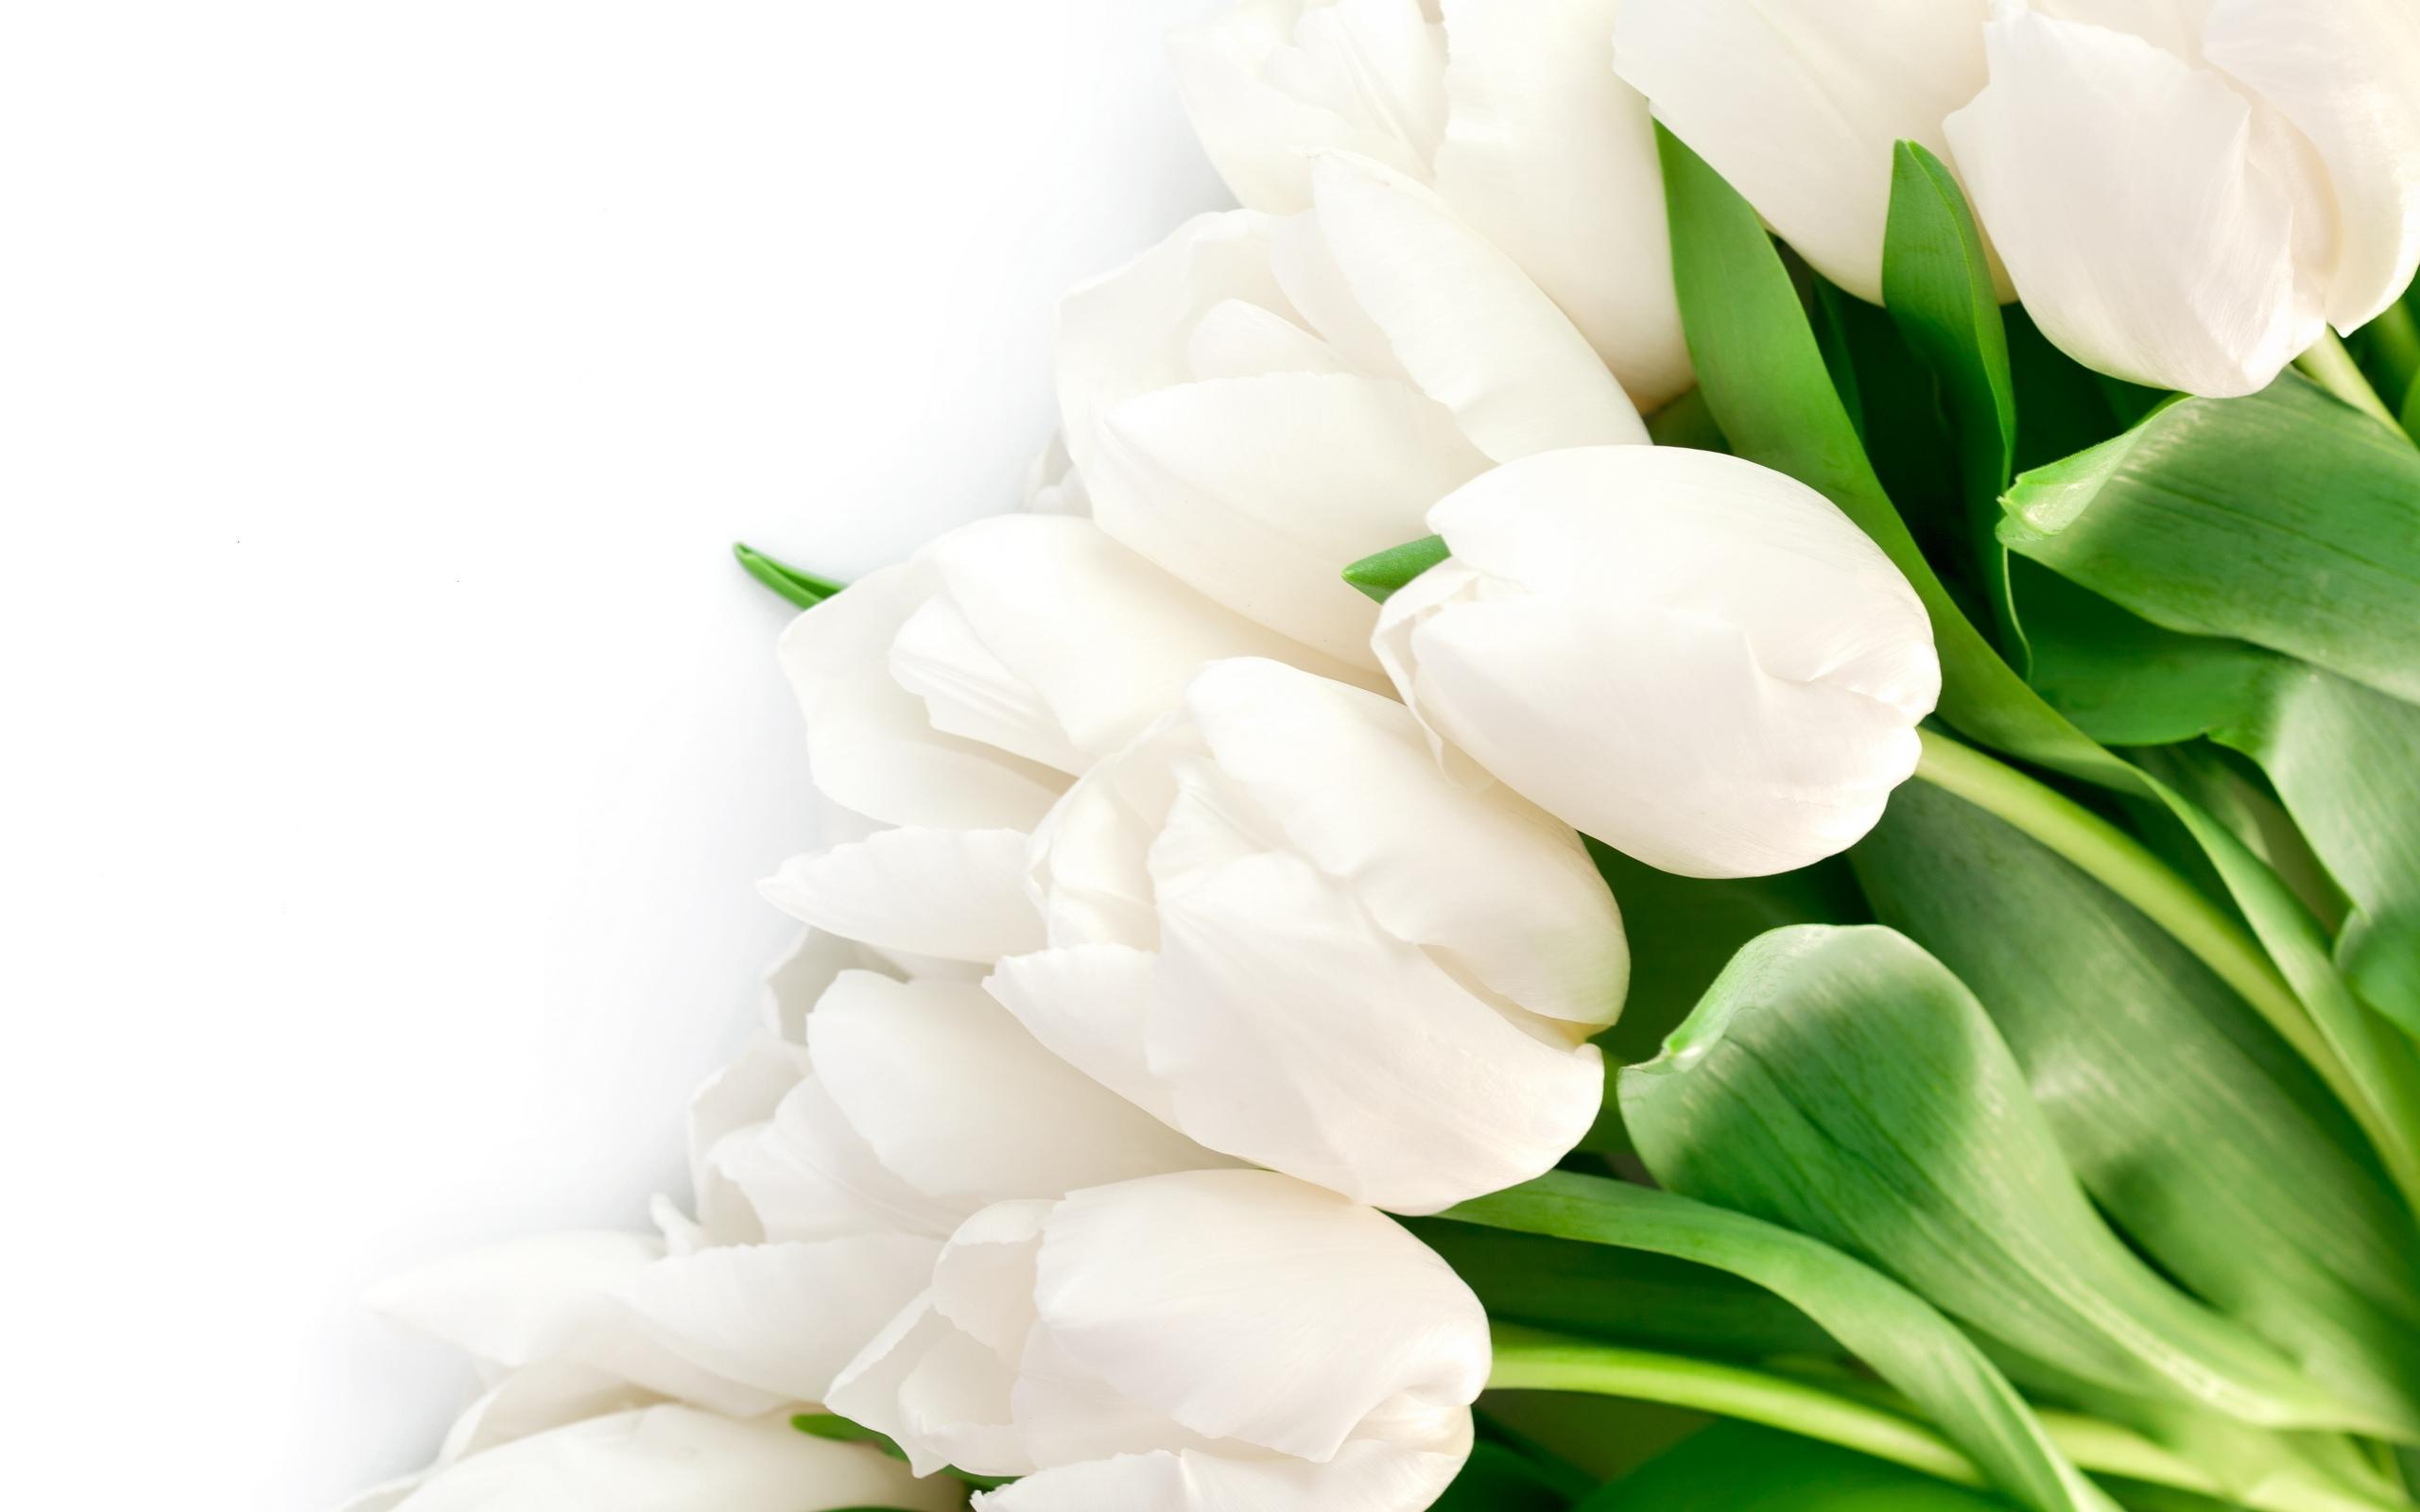 букет,тюльпаны,листья  № 415688 без смс